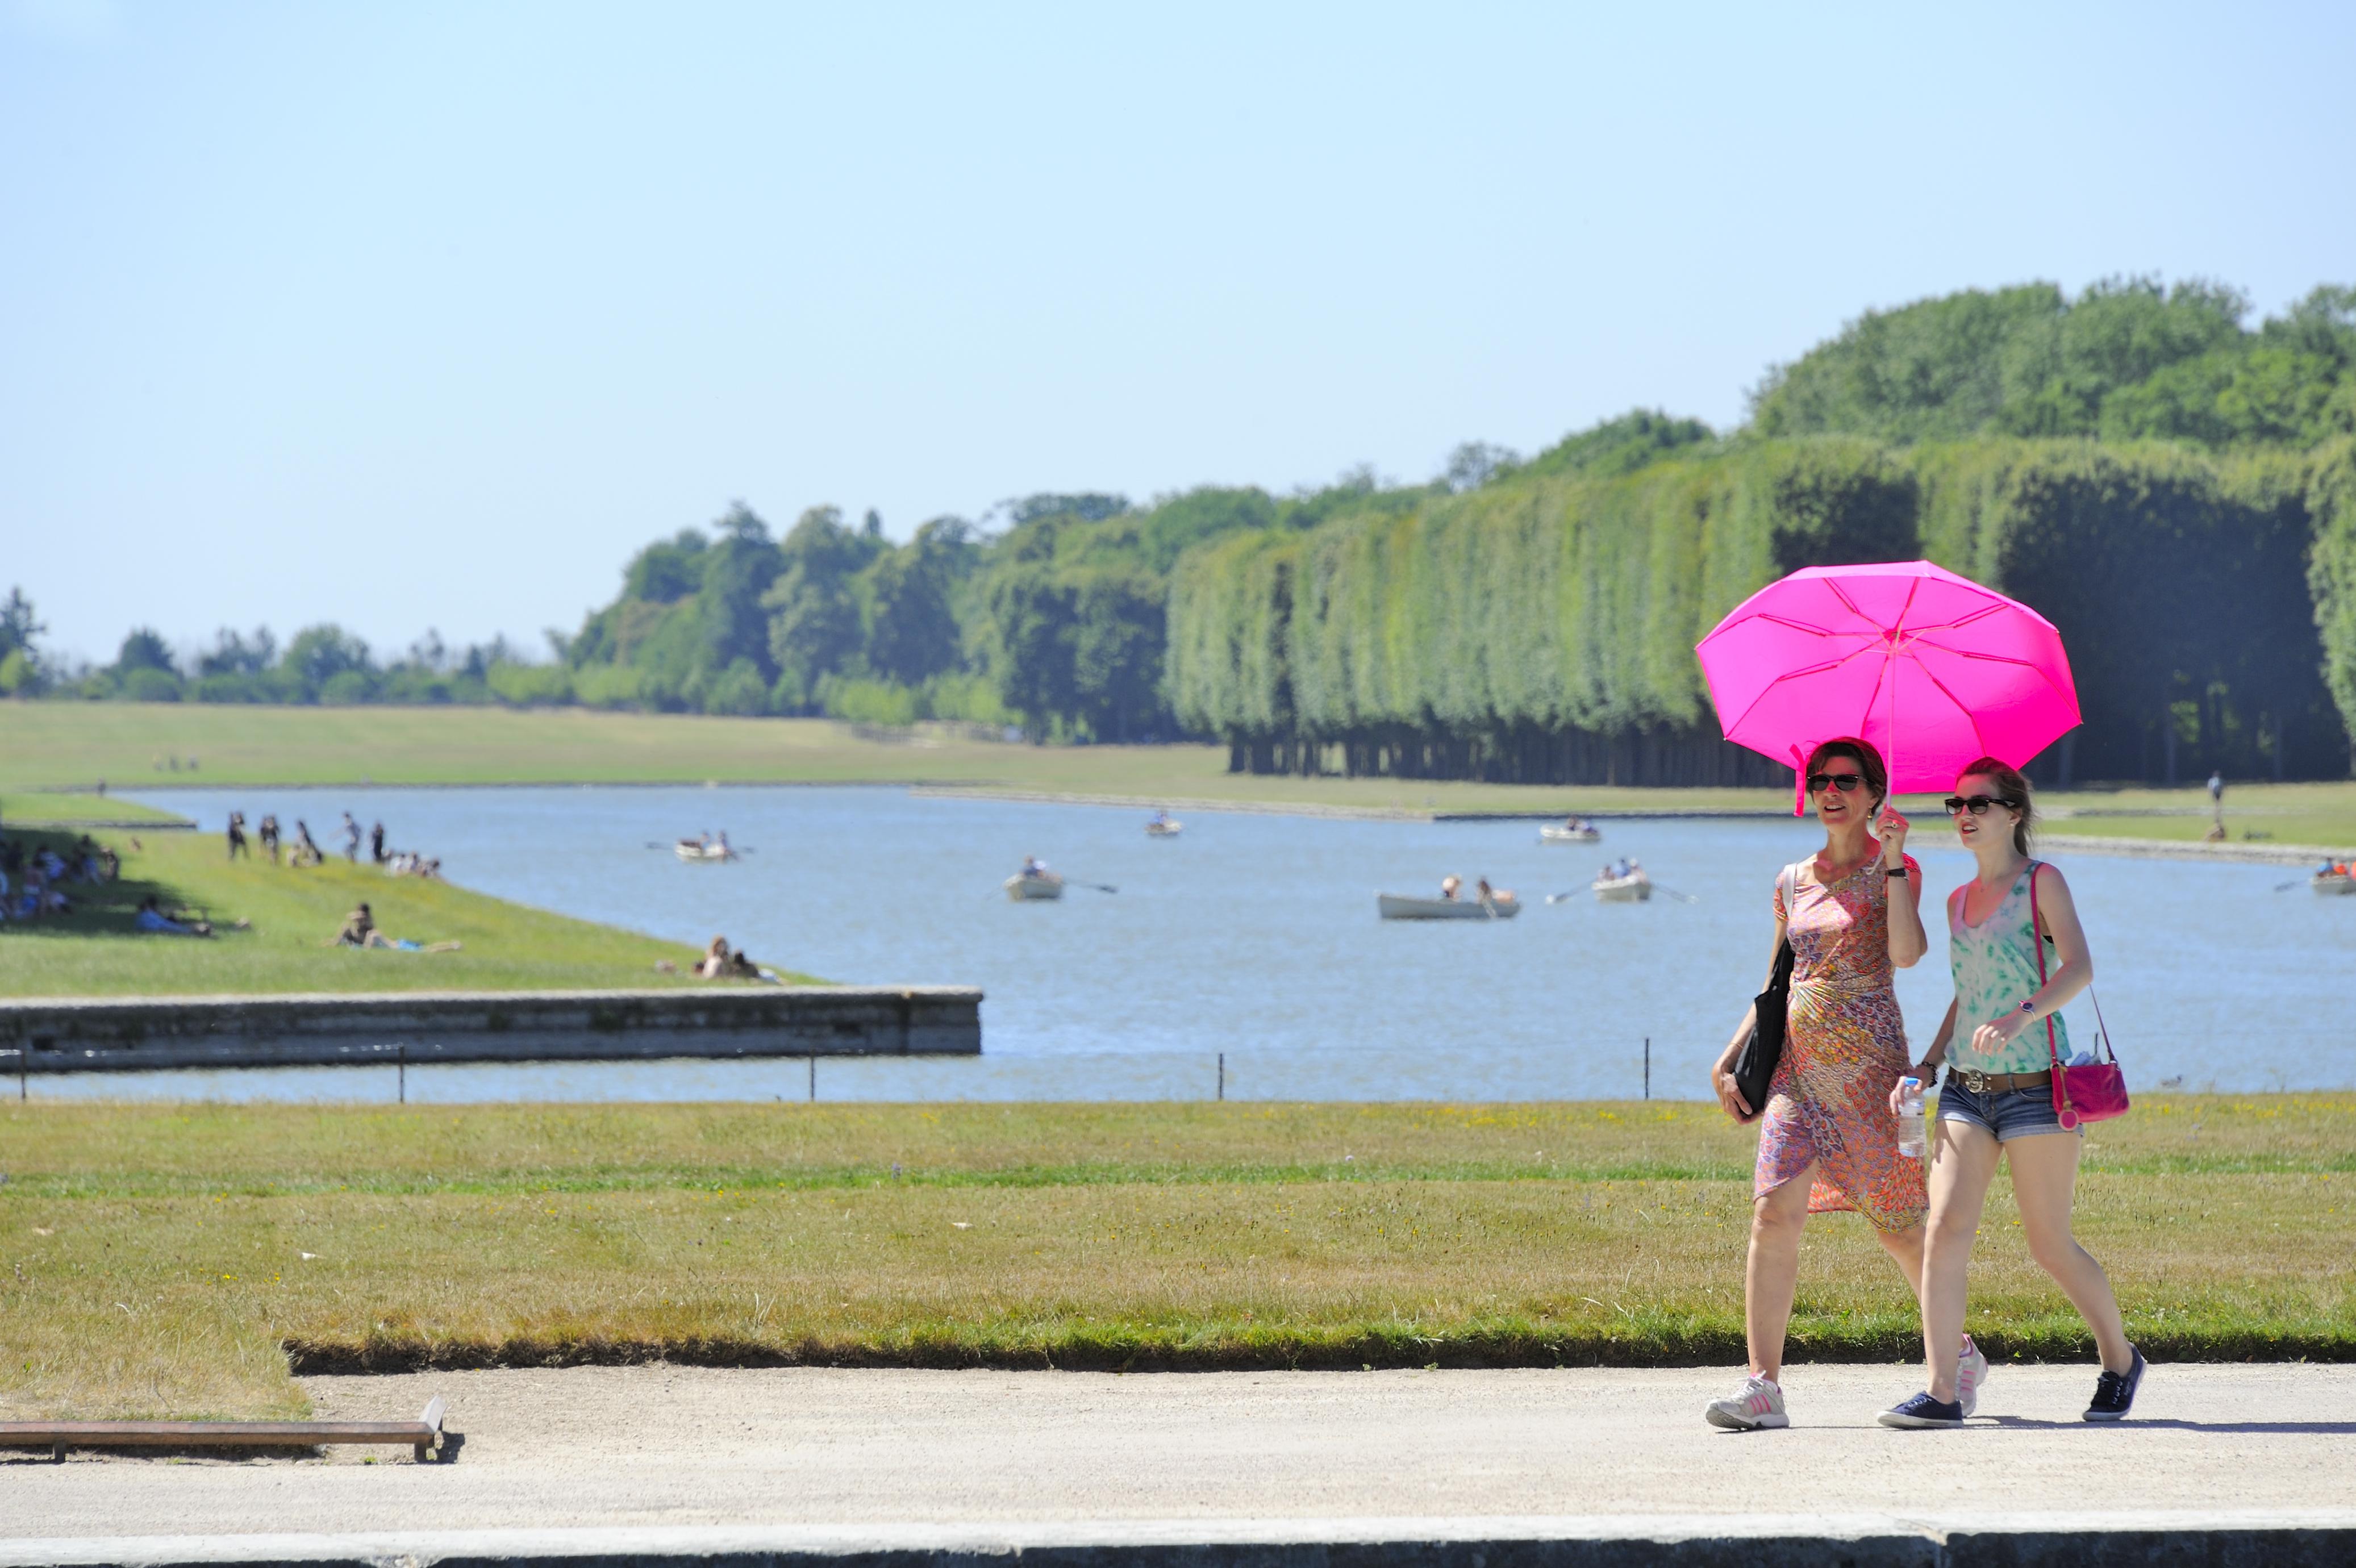 Domaine de Versailles%252C les Jardins et le Grand Canal%252C visiteurs avec parapluie rose. Jarry-Tripelon %252F CRT Paris Ile-de-France